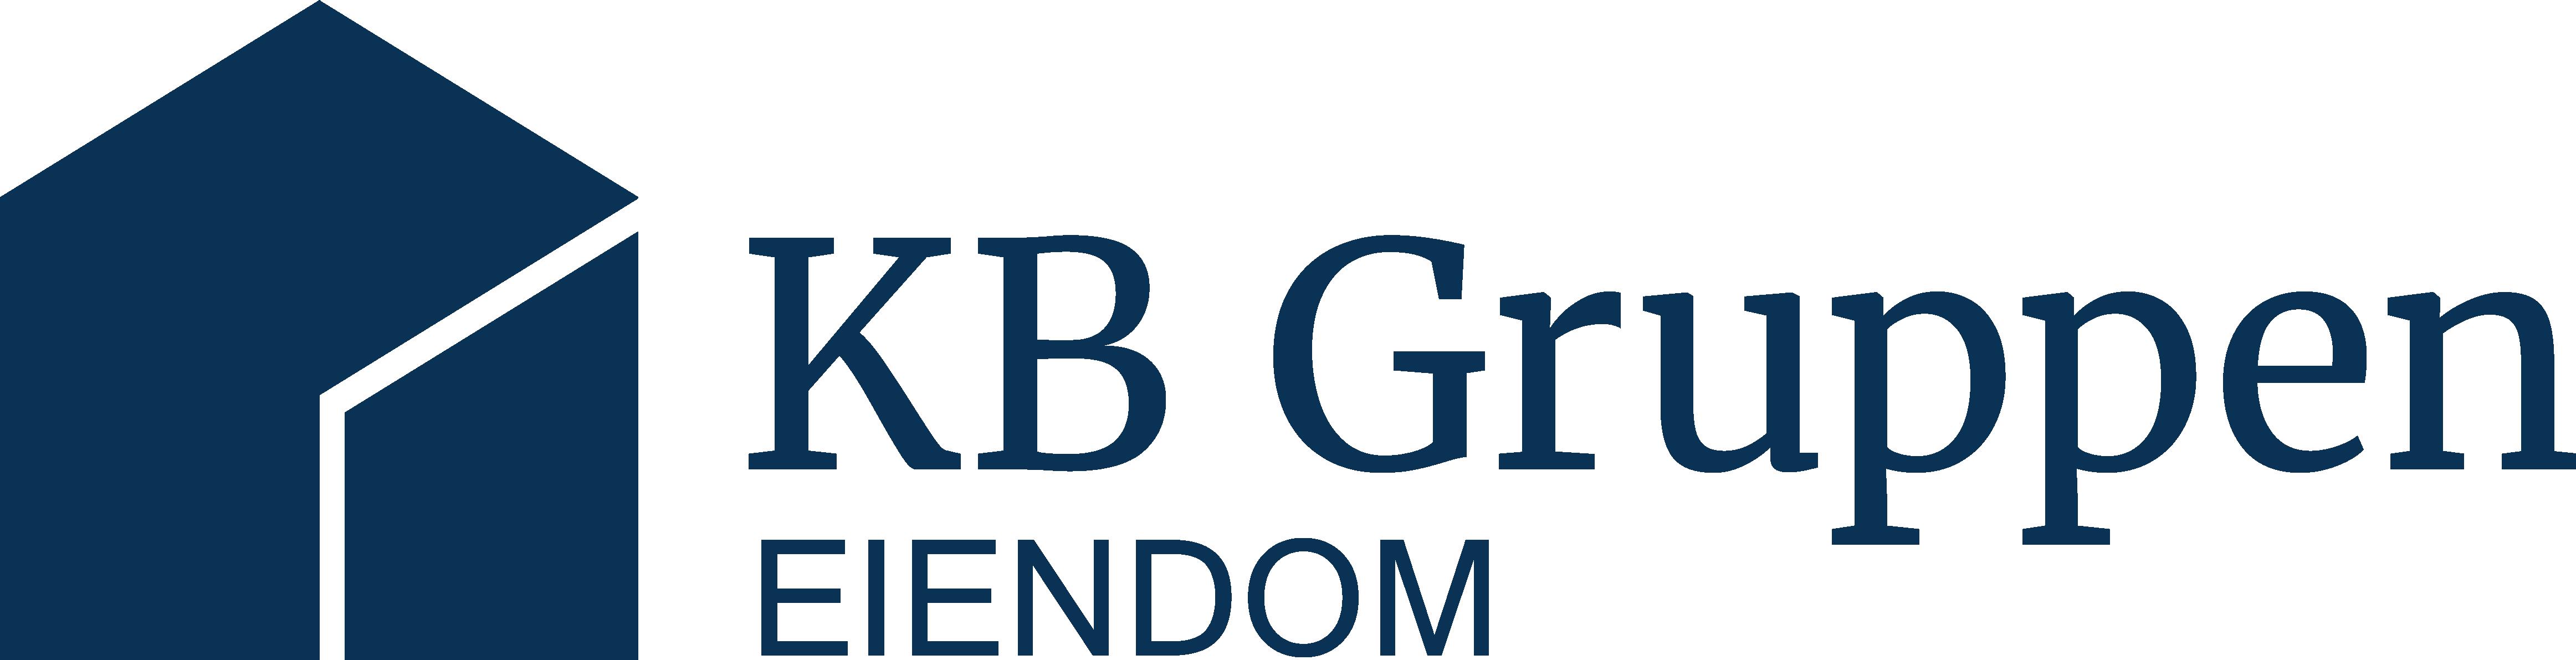 KB Gruppen eiendom